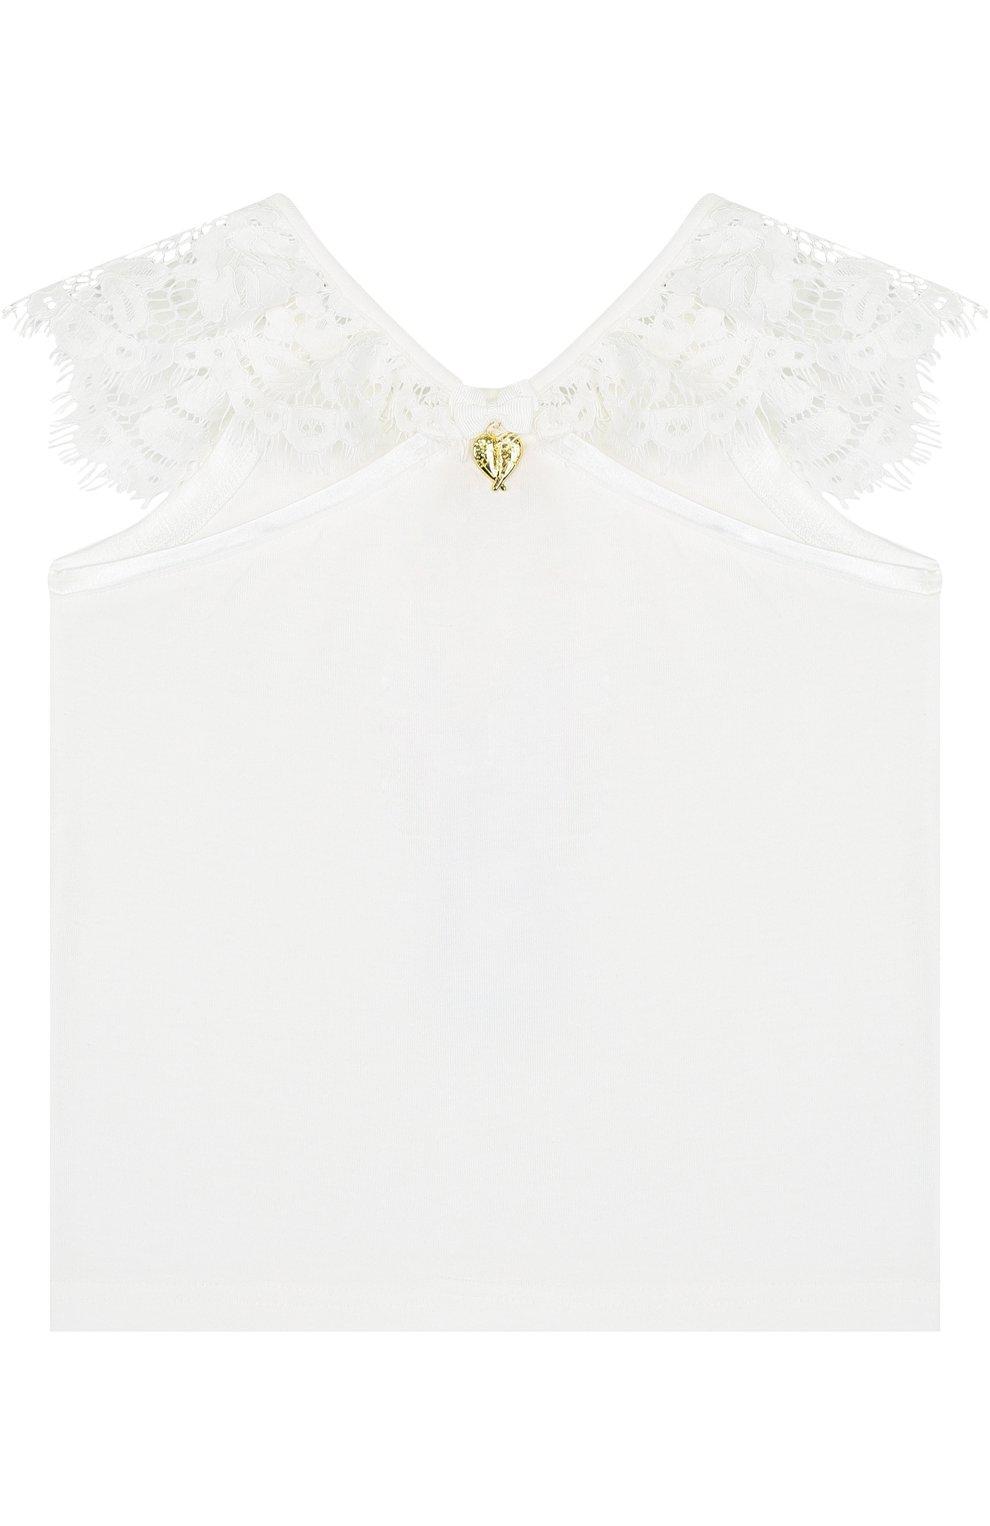 Детский топ джерси с кружевной отделкой и открытыми плечами ANGEL'S FACE белого цвета, арт. LUCILLE/8-9 | Фото 2